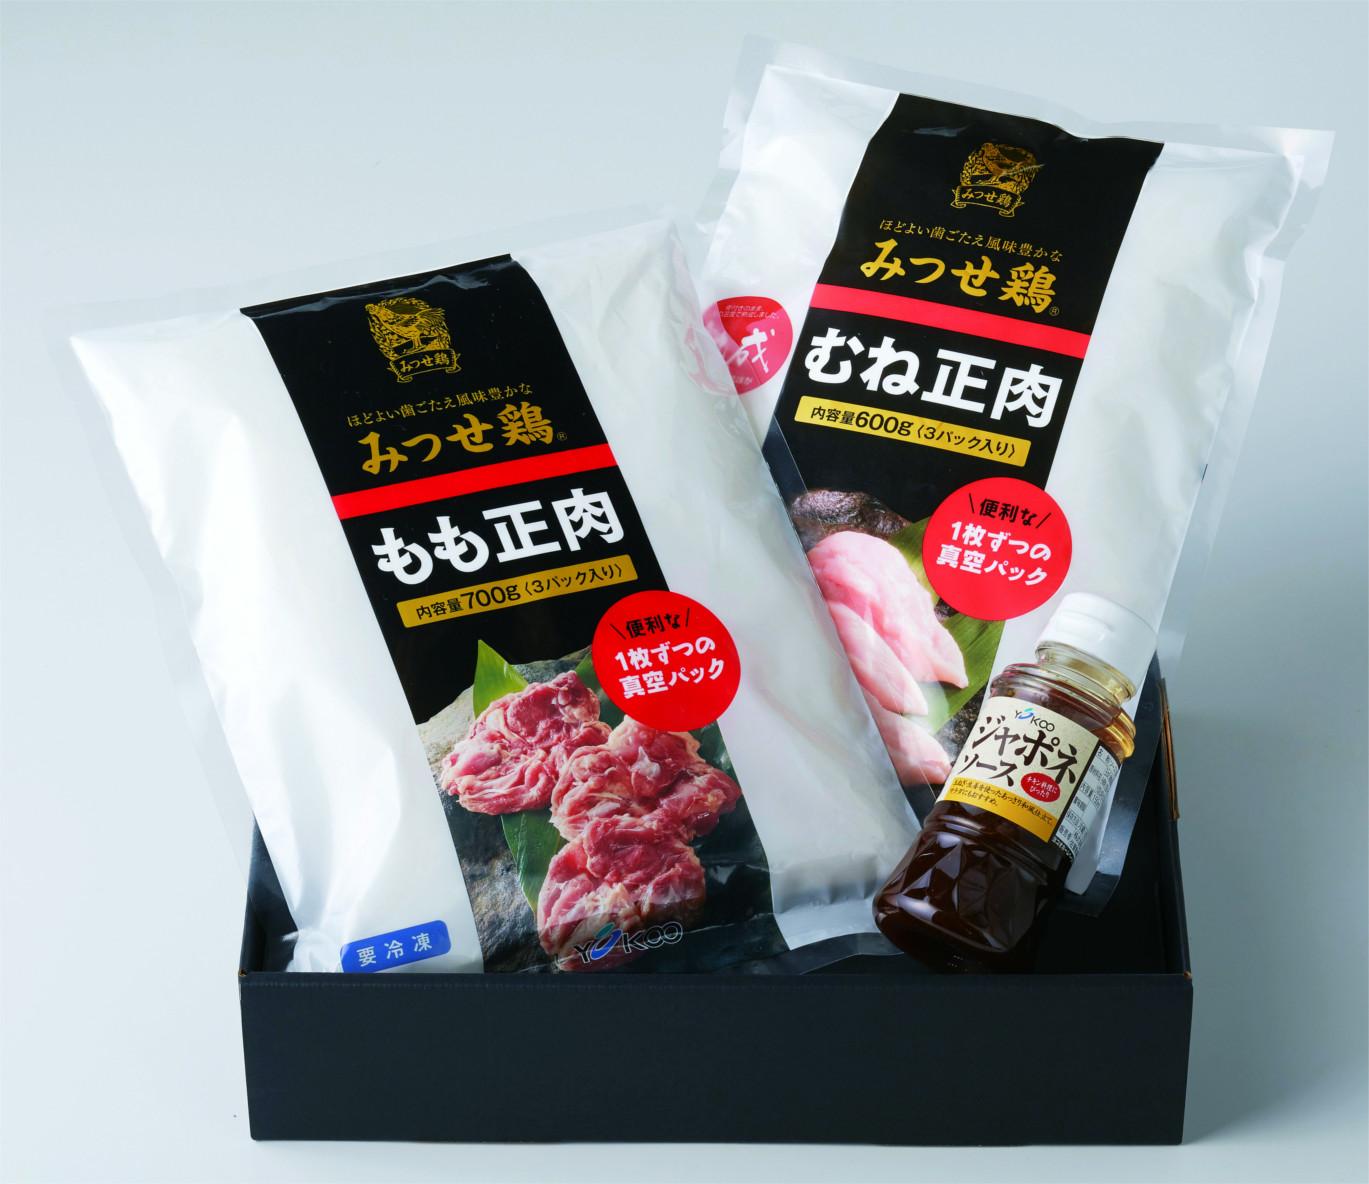 【ふるさと納税】A5-087R みつせ鶏もも・むね肉セット